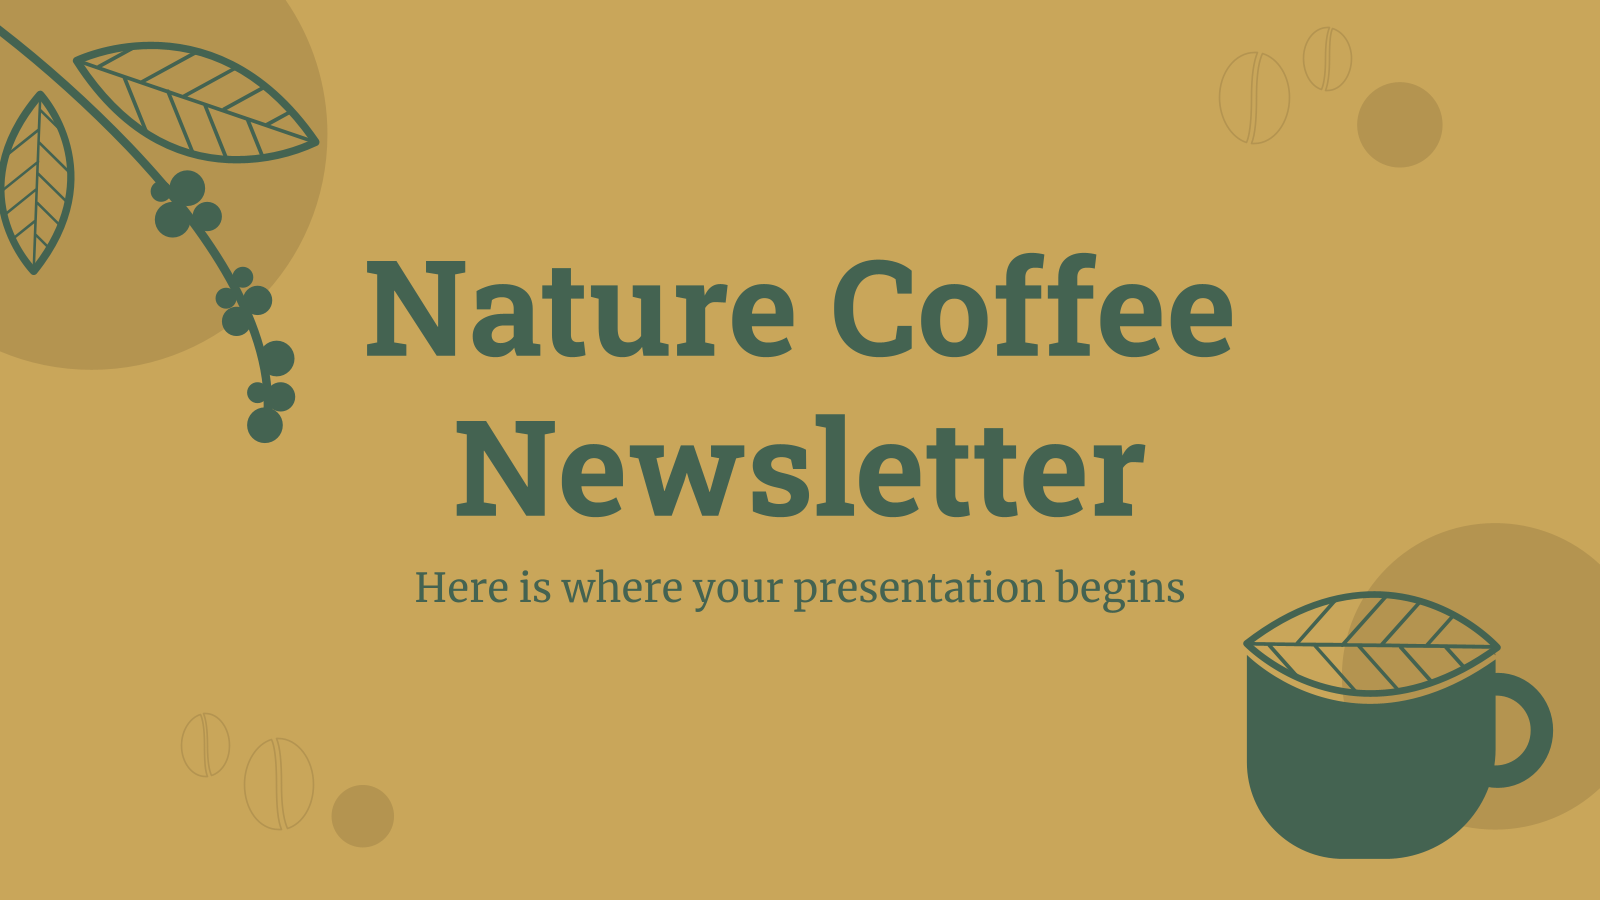 Newsletter sur le Café naturel : Modèles de présentation